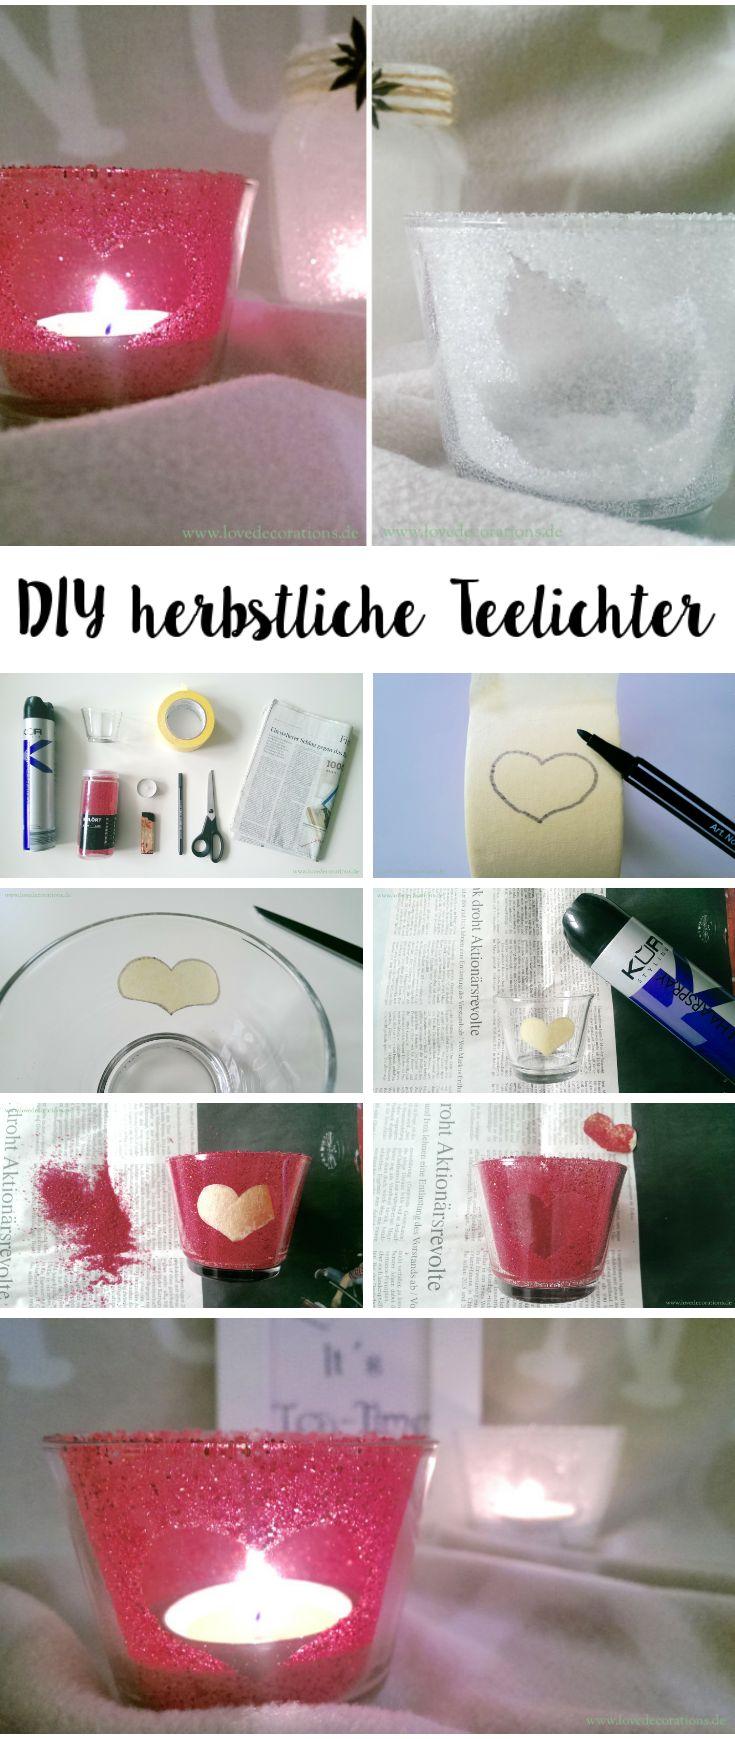 DIY herbstliche Teelichter mit Haarspray + Zucker in 2 Minuten